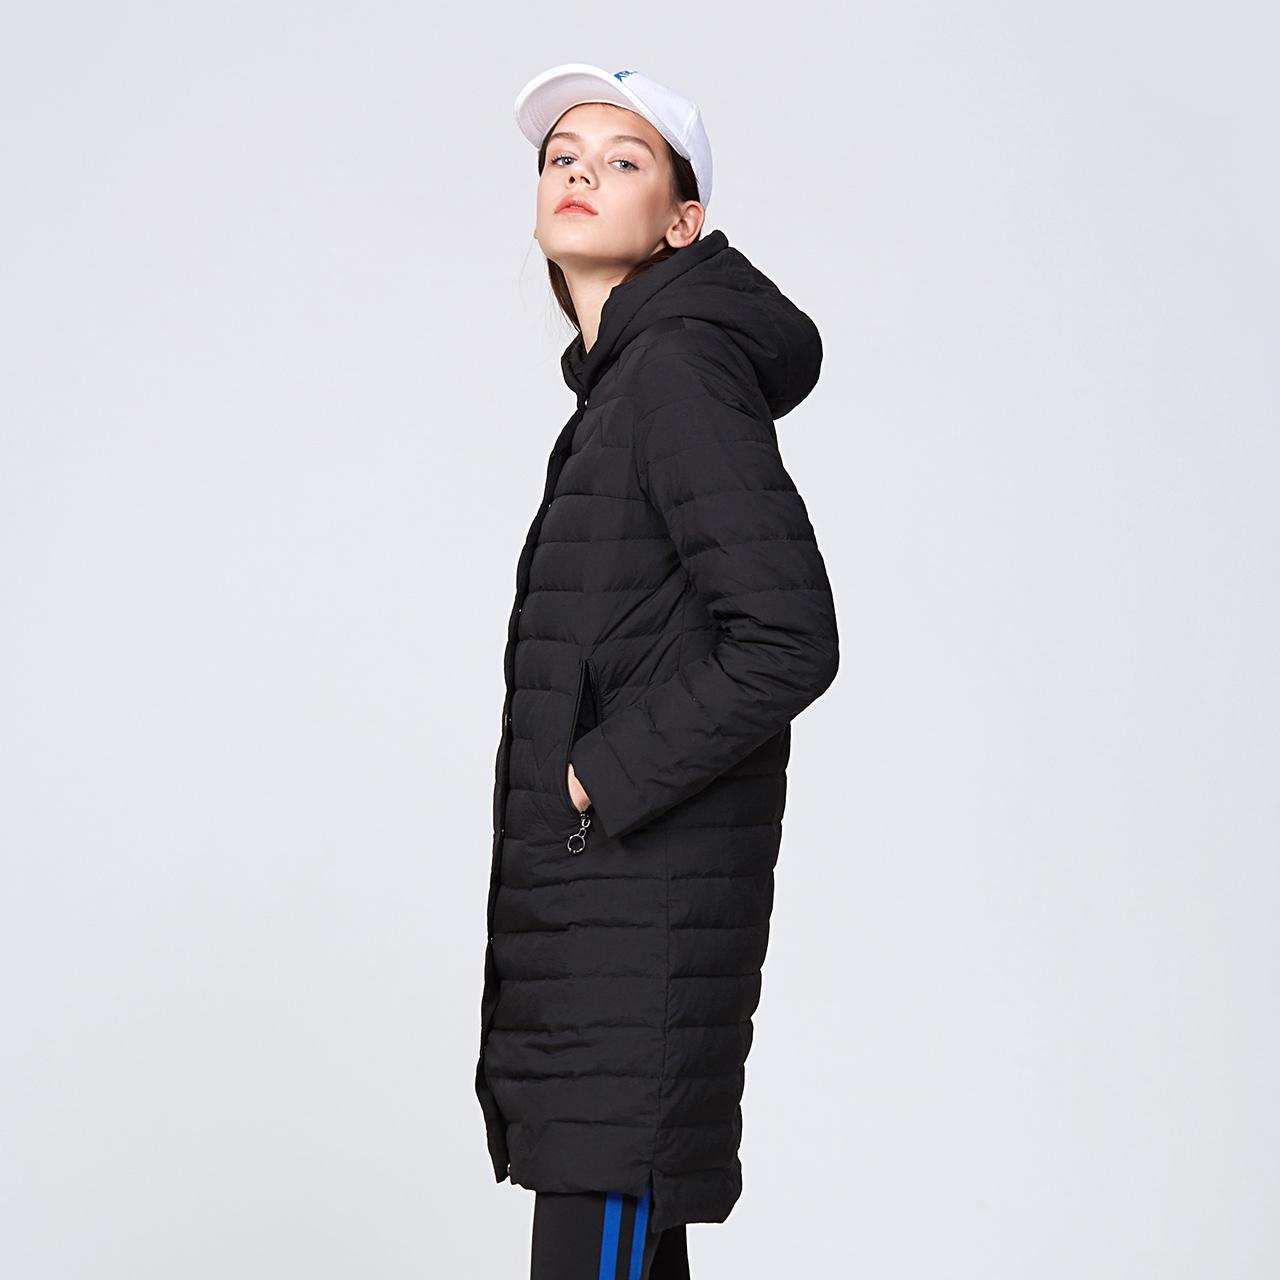 雪中飞 轻薄羽绒服女中长款韩版时尚收腰连帽纯色外套  outlets